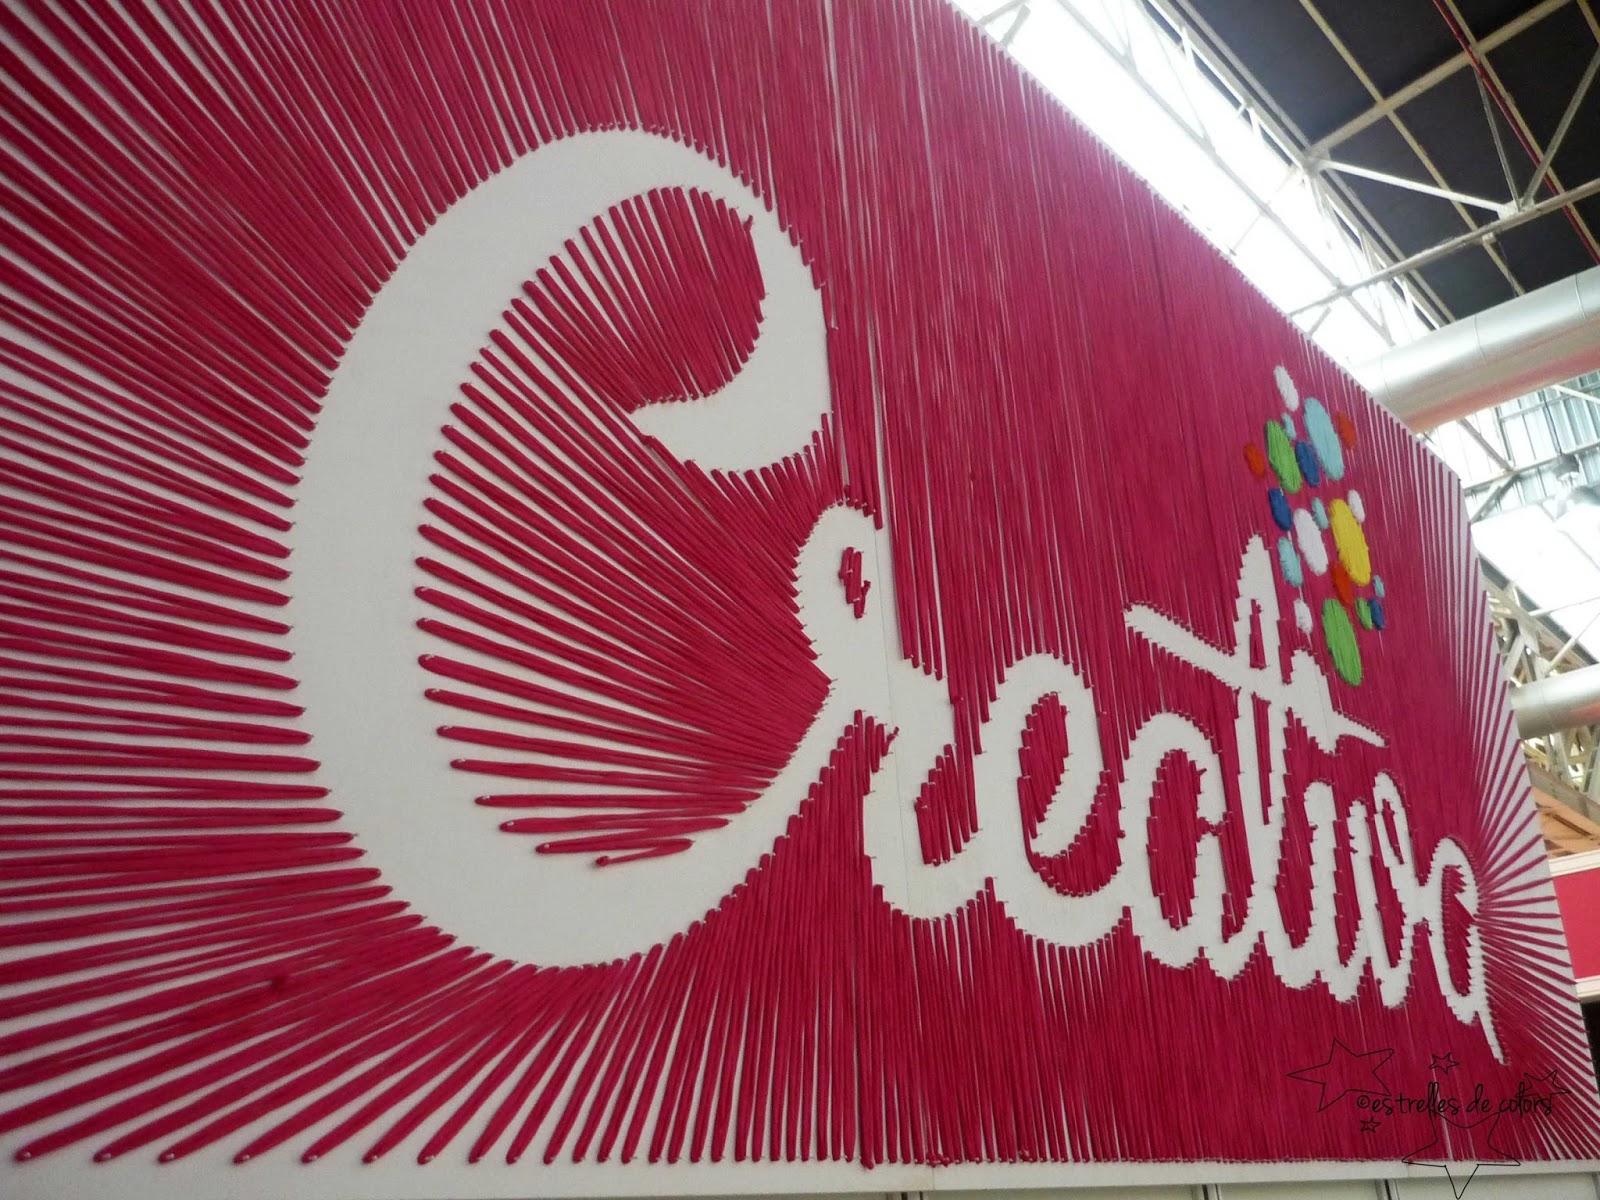 Estrelles de colors.: Crónica de mi visita a la feria Creativa ...